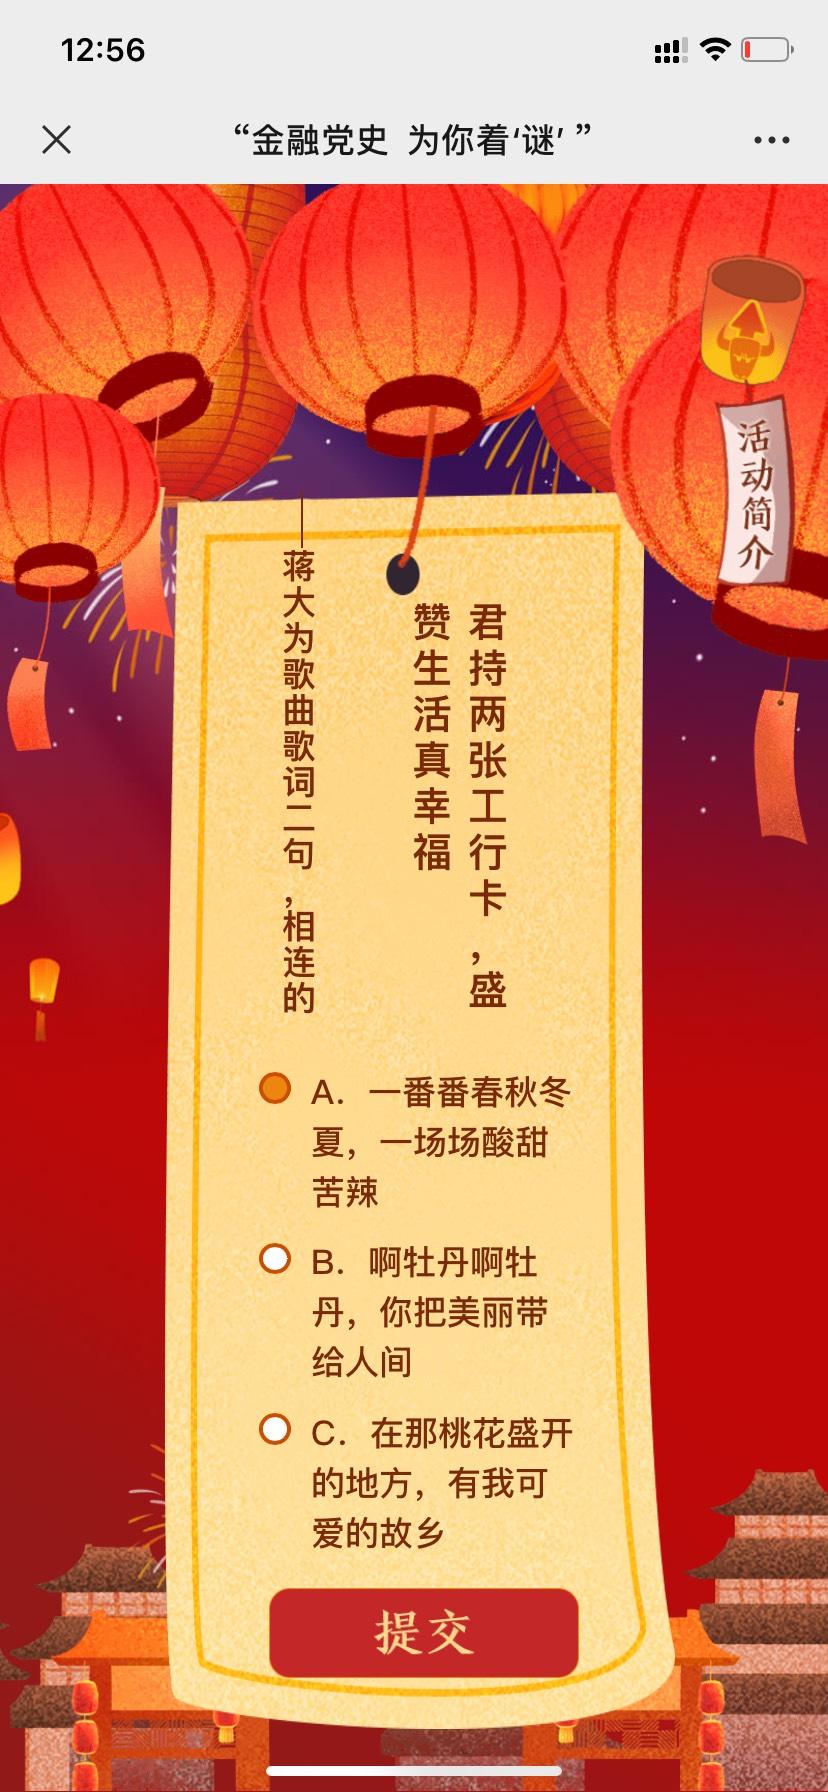 名城苏州网答题抽红包插图2